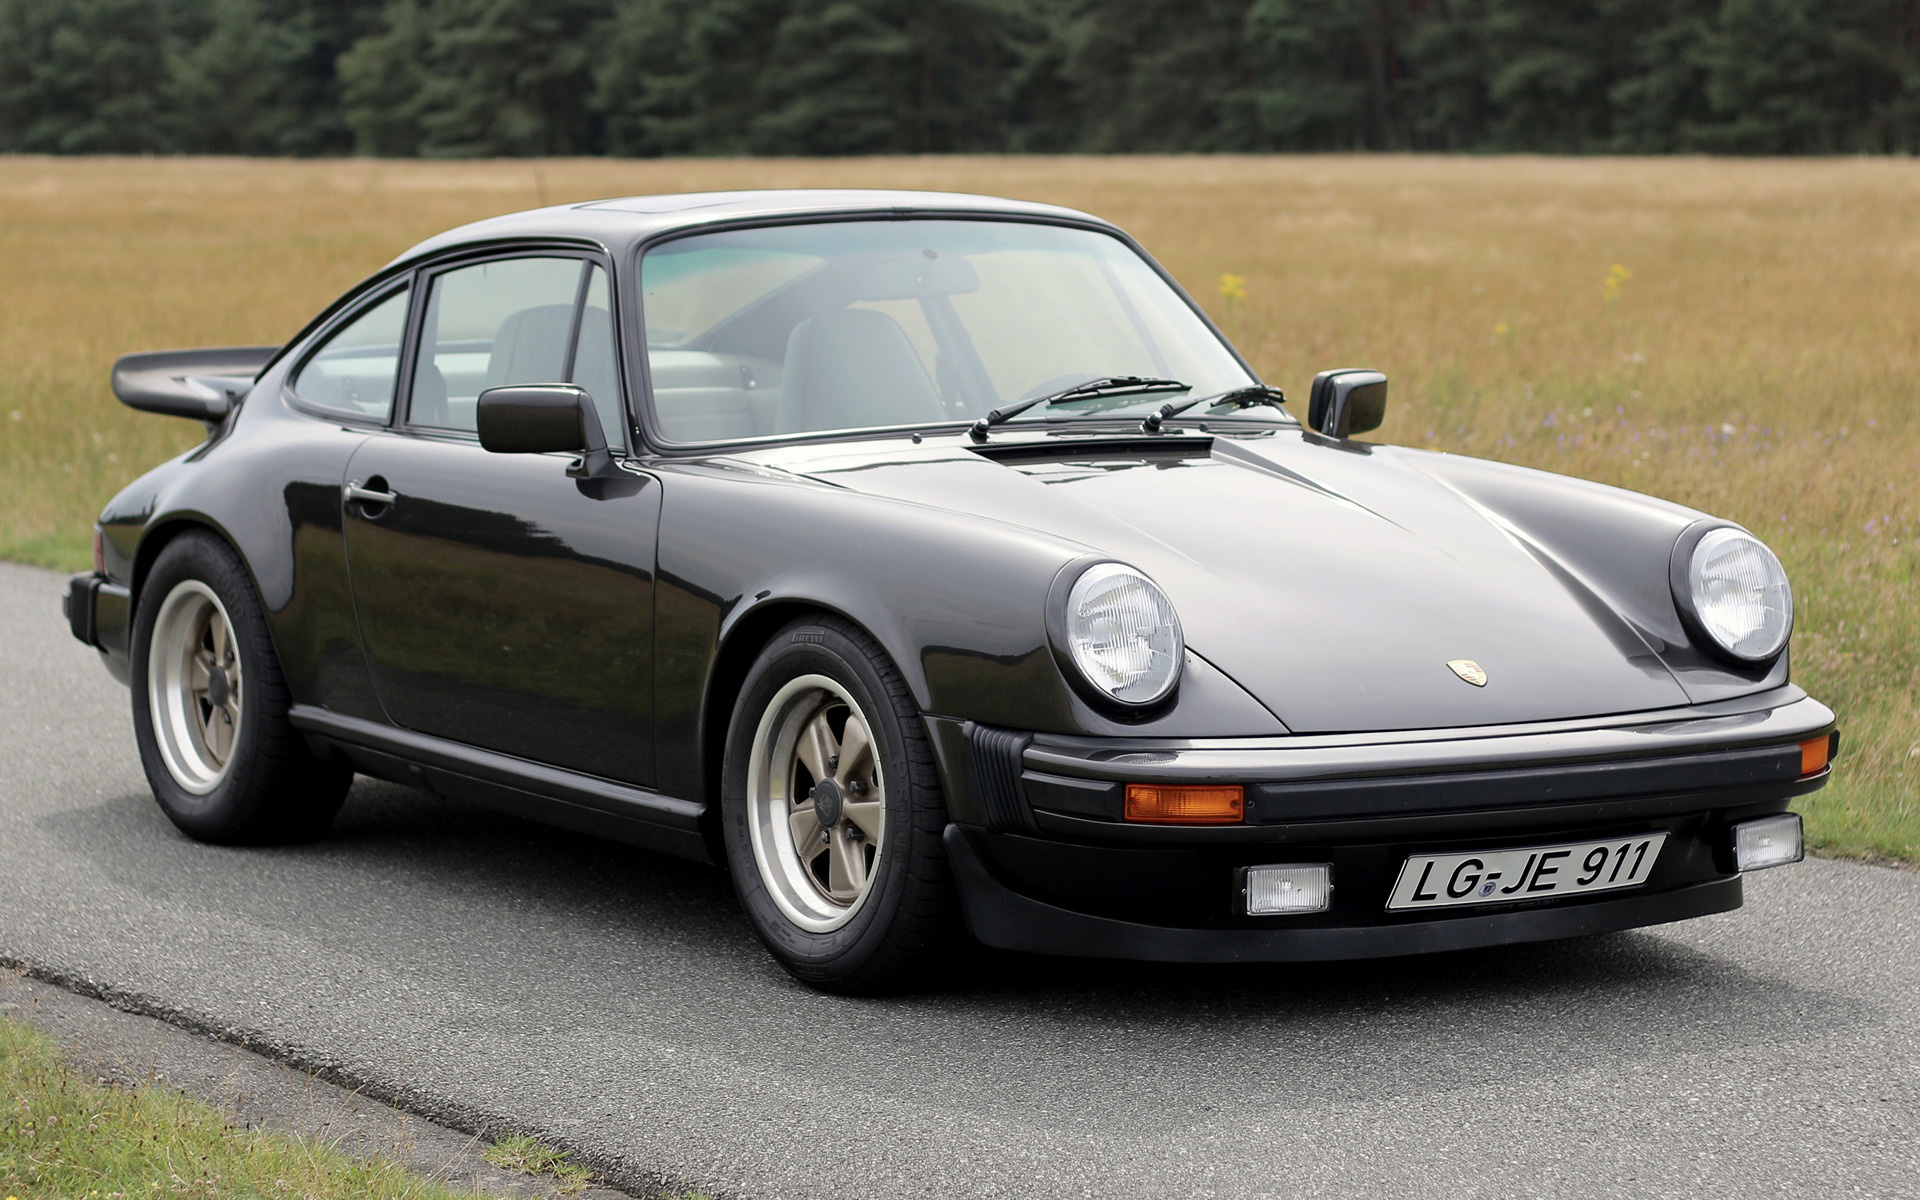 1980 Porsche 911 SC Weissach Edition - Wallpapers and HD ...